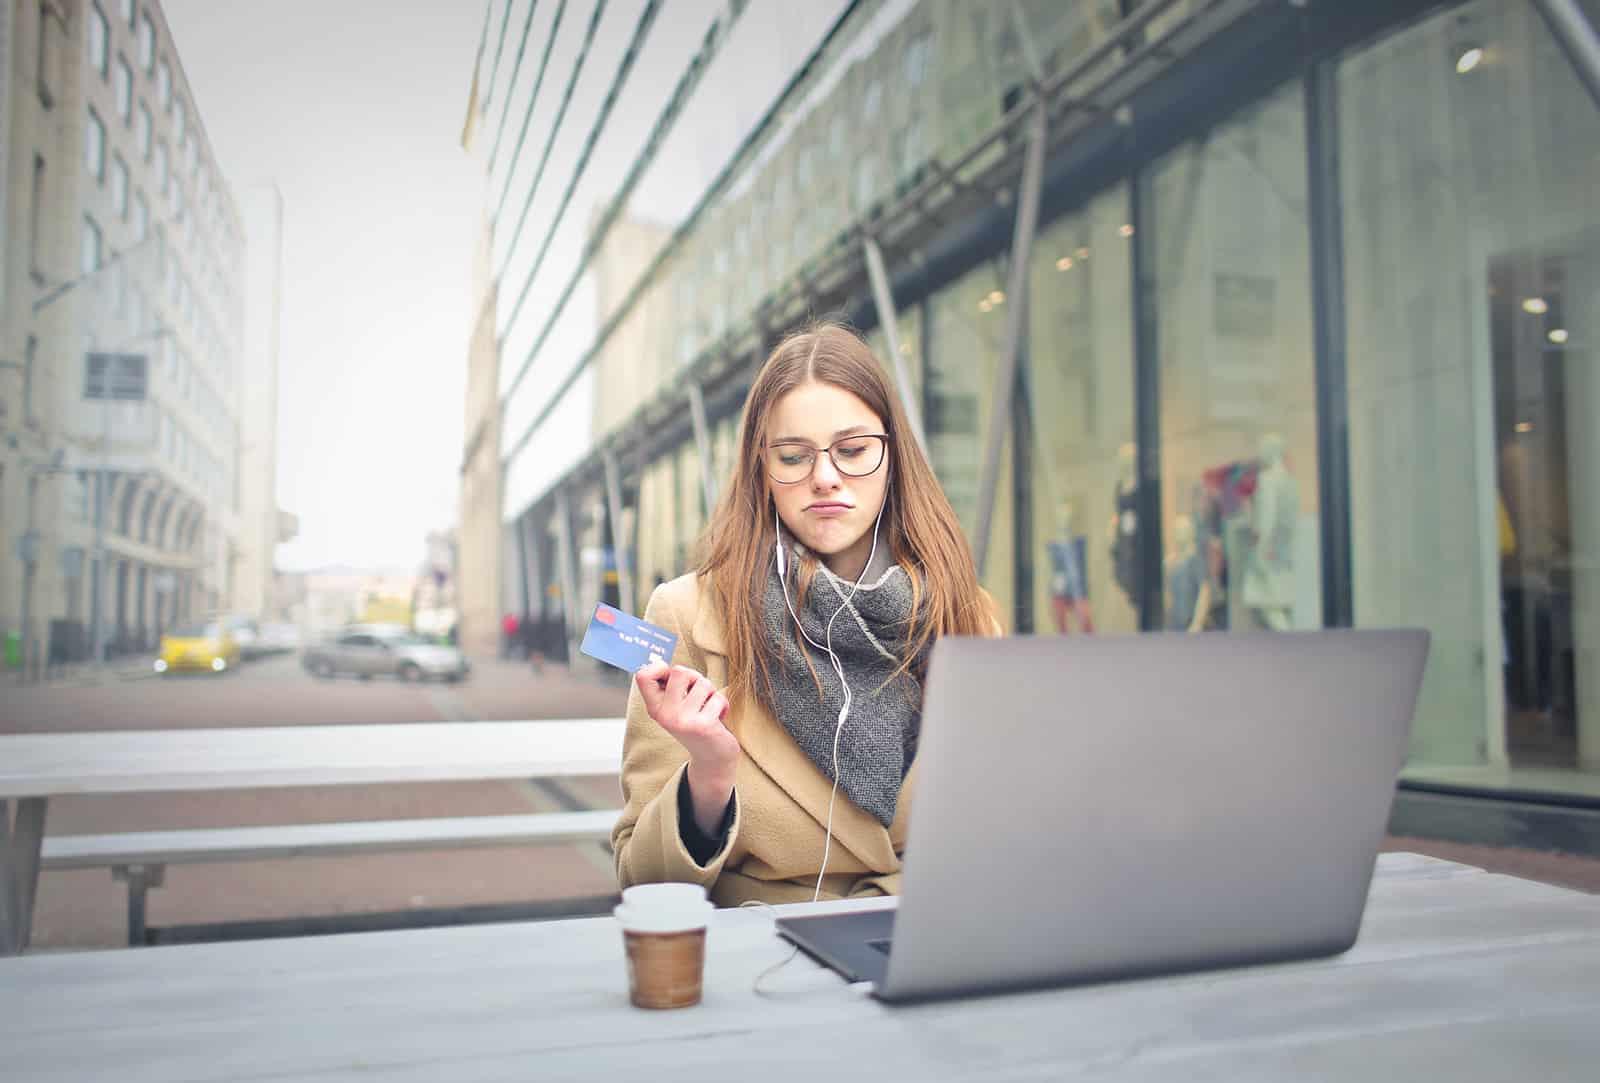 eine Frau, die eine Kreditkarte hält und darüber nachdenkt, Geld auszugeben oder zu sparen